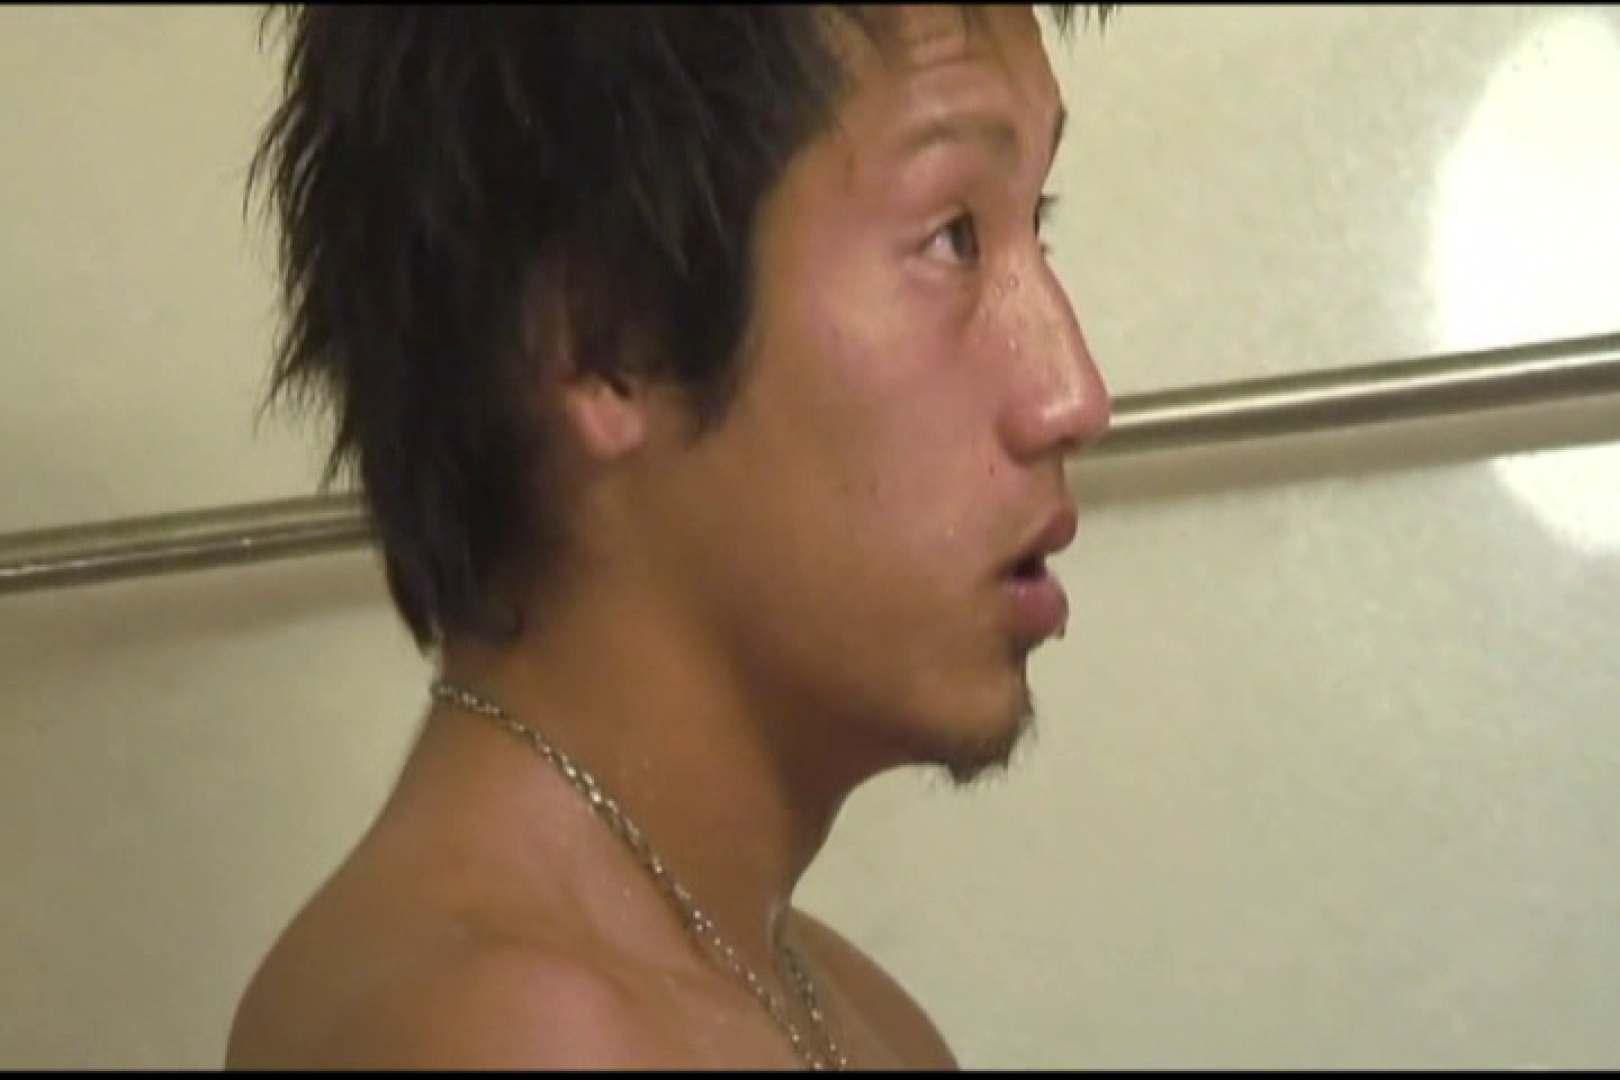 素晴らしくイケメンの自慰行為。 肉肉しい男たち   入浴・シャワー  29連発 10